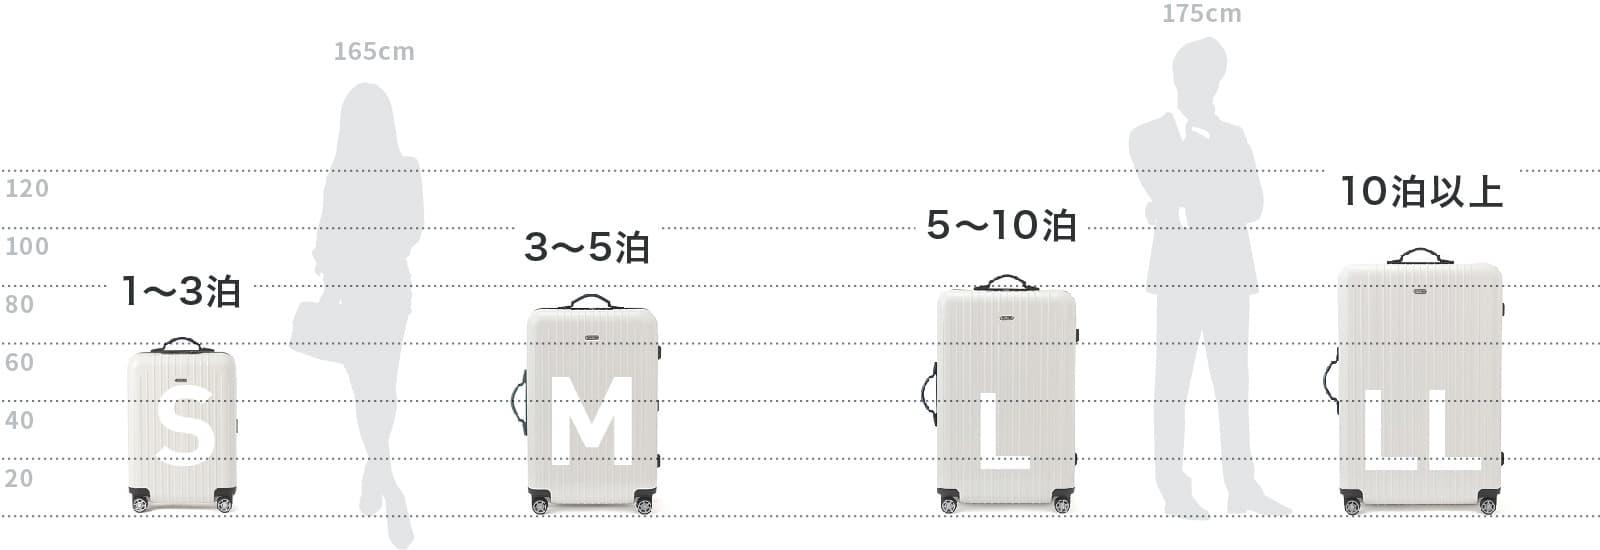 スーツケースのサイズ表